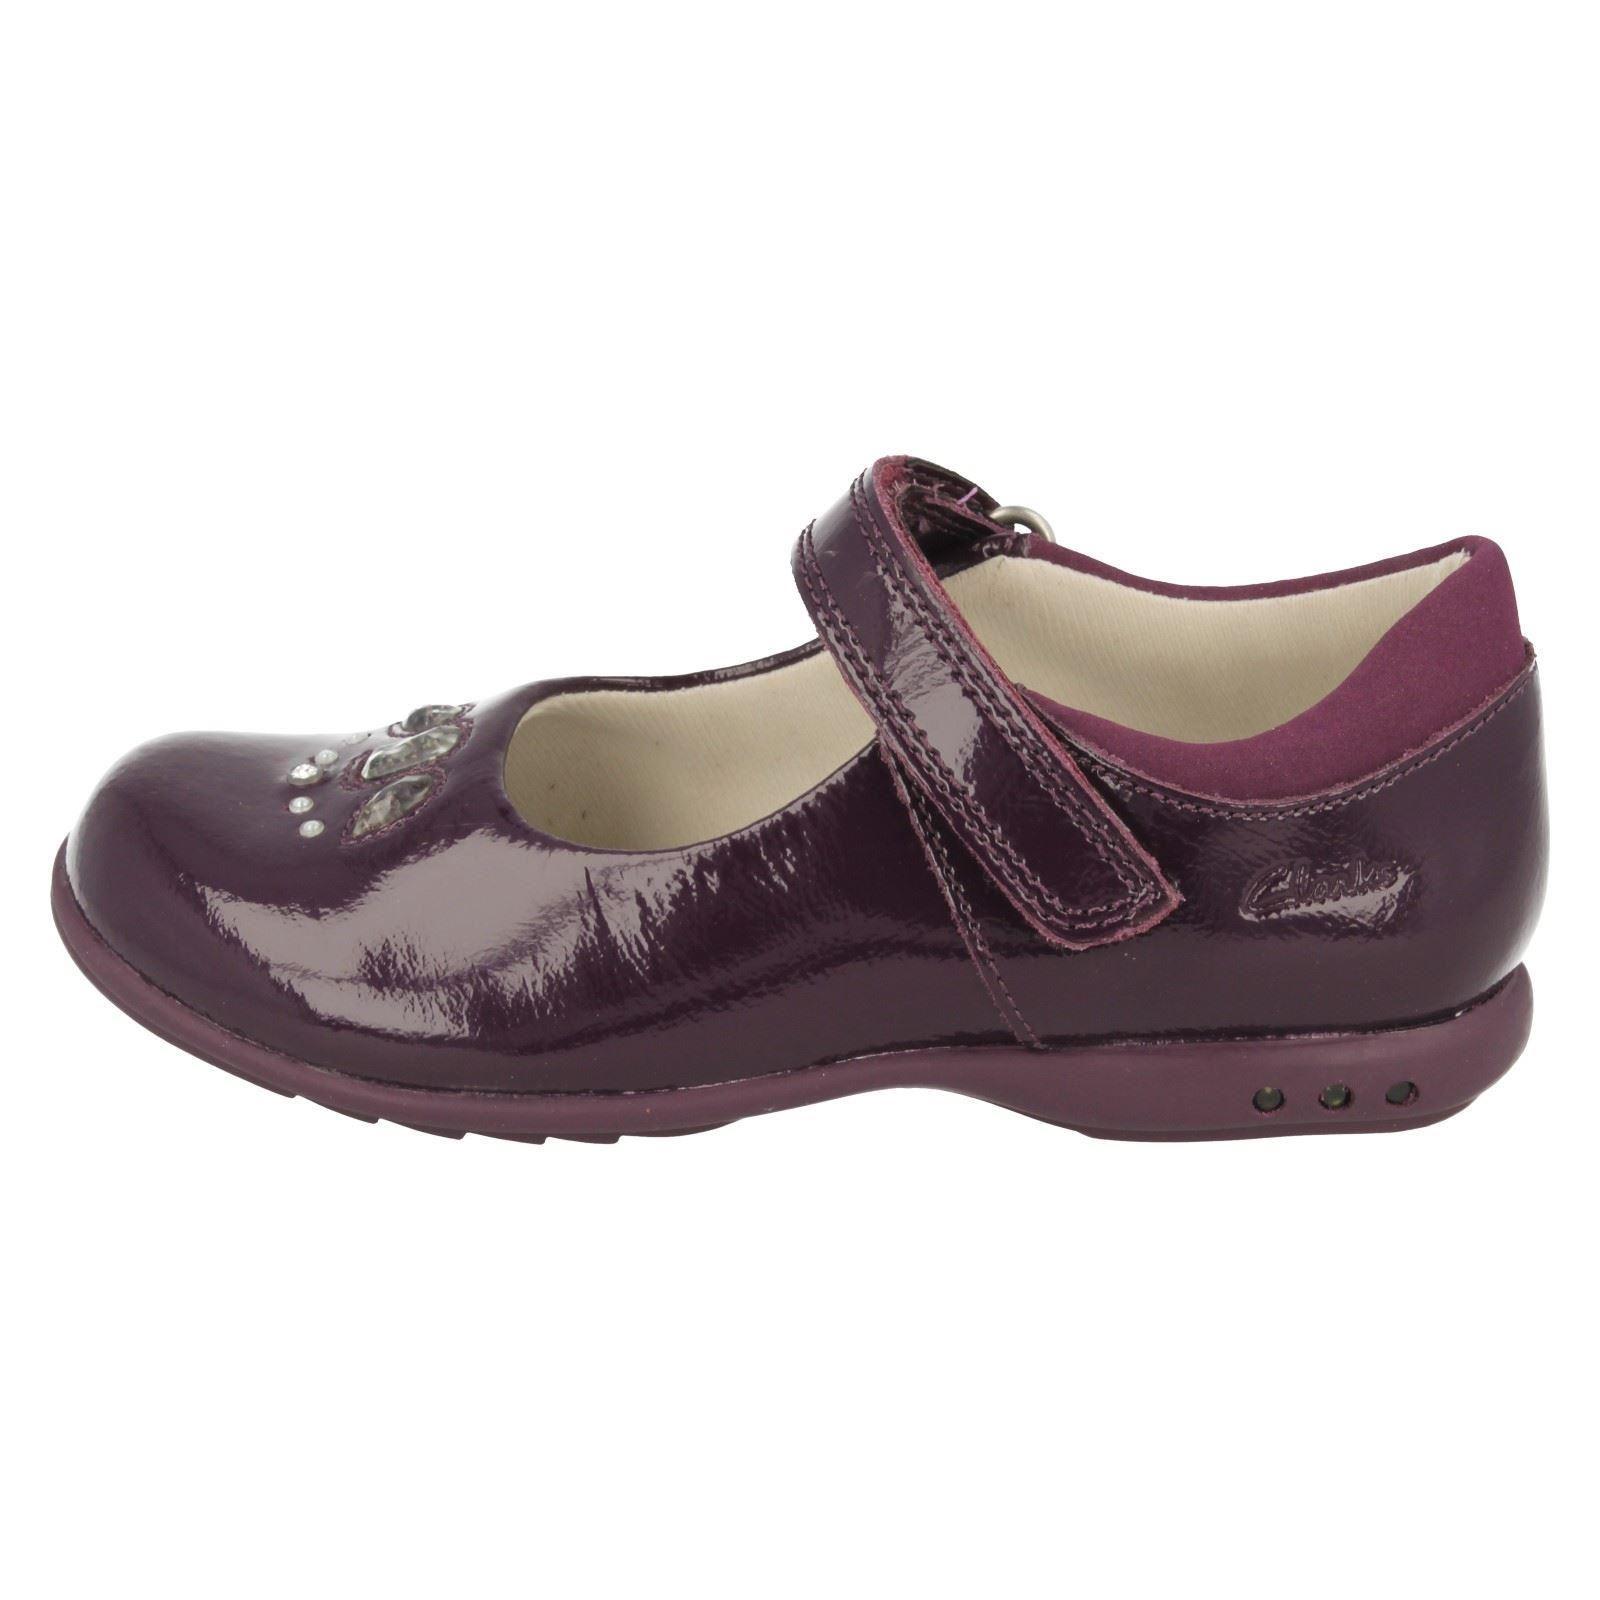 Waldlläufer Karima Damen Schuhe Schwarz Halbschuhe Weite K 629007-300-066